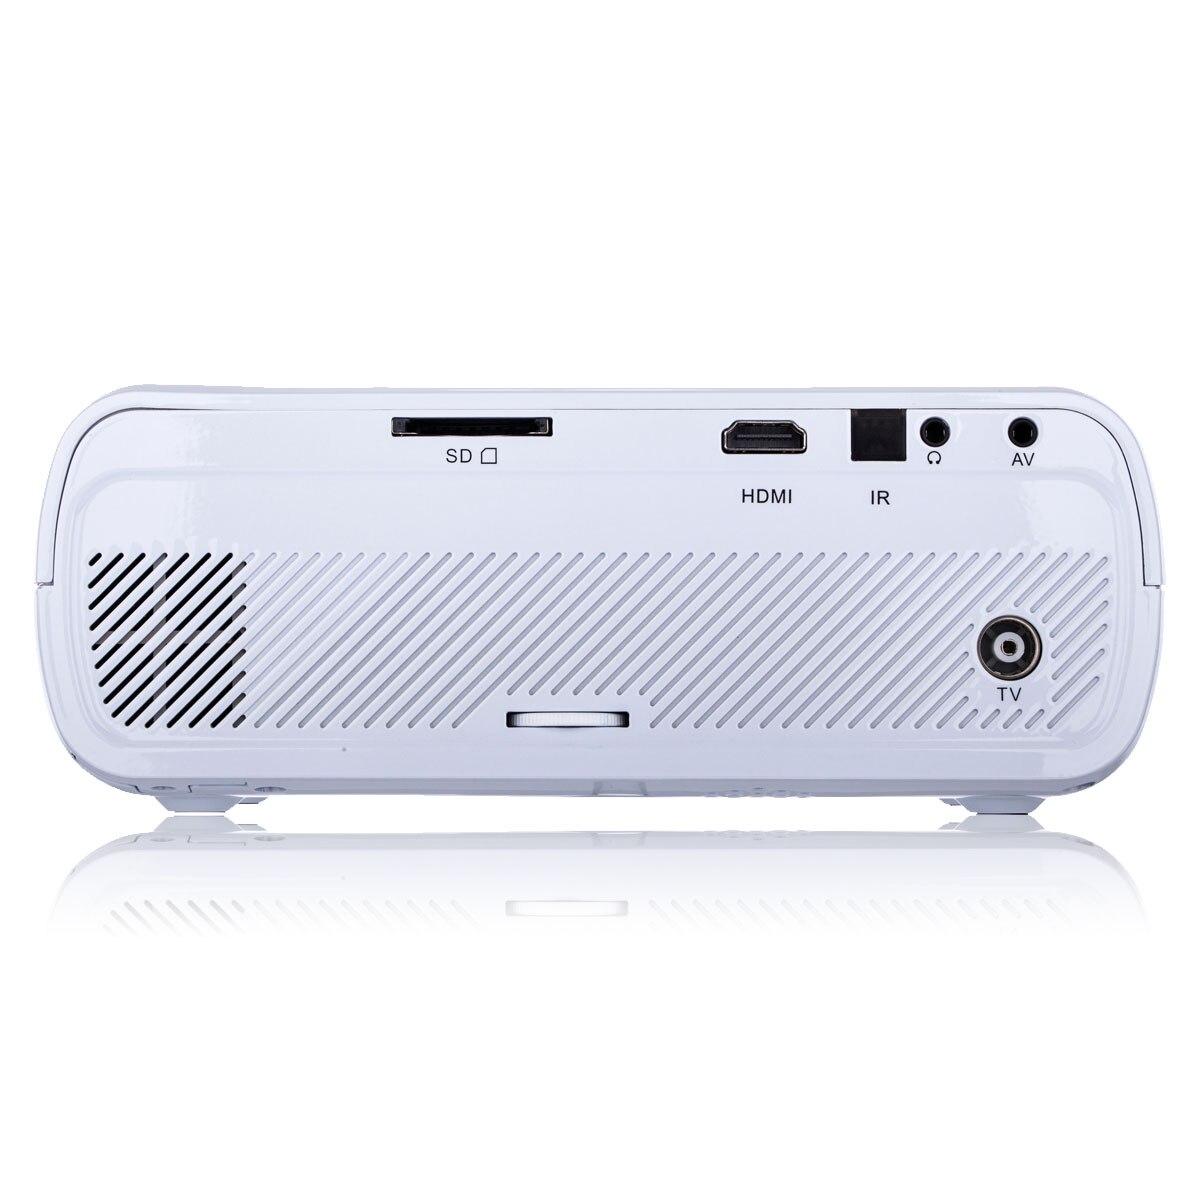 Multimedia 4K 1080P WiFi Android Bluetooth 3D HA CONDOTTO il Proiettore Home Cinema Supporta Orizzontale e Verticale di Vibrazione di Alta Qualità - 6